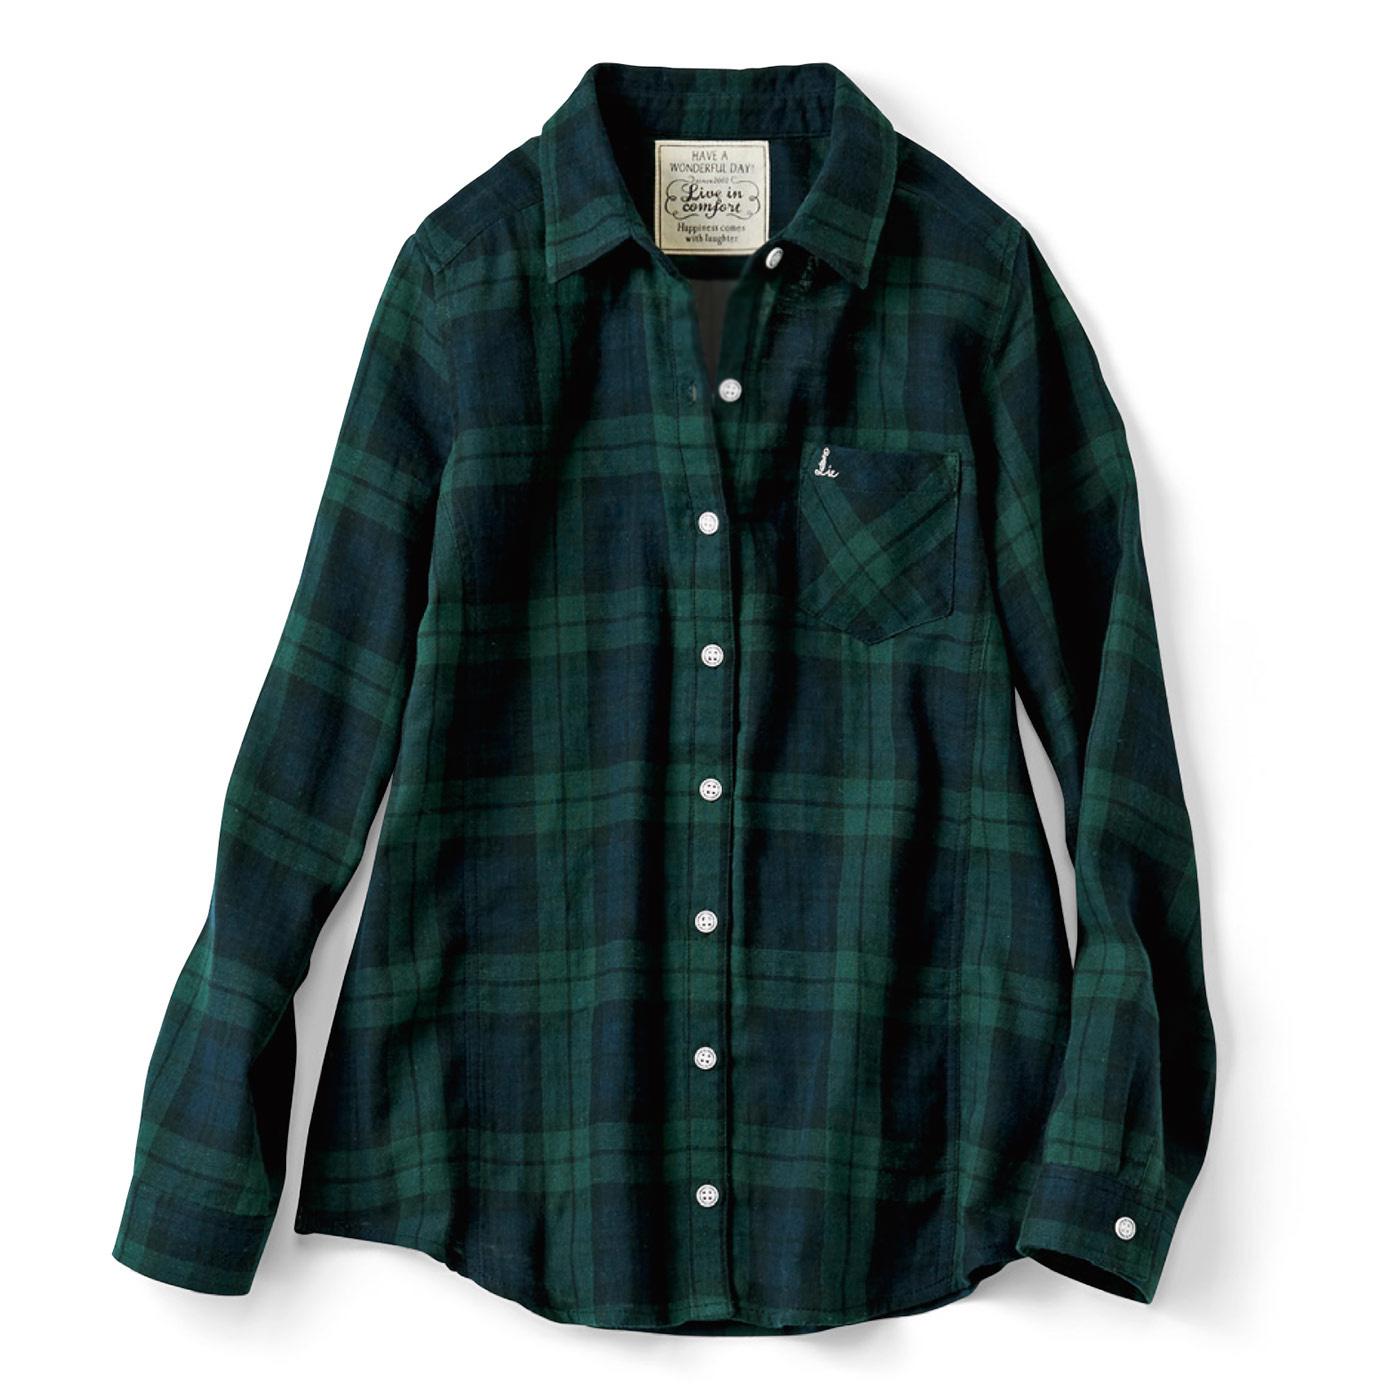 【3~10日でお届け】リブ イン コンフォート 重ね着してももたつかない! ストレッチガーゼ×カットソーの伸びシャツ〈ブラックウォッチ〉